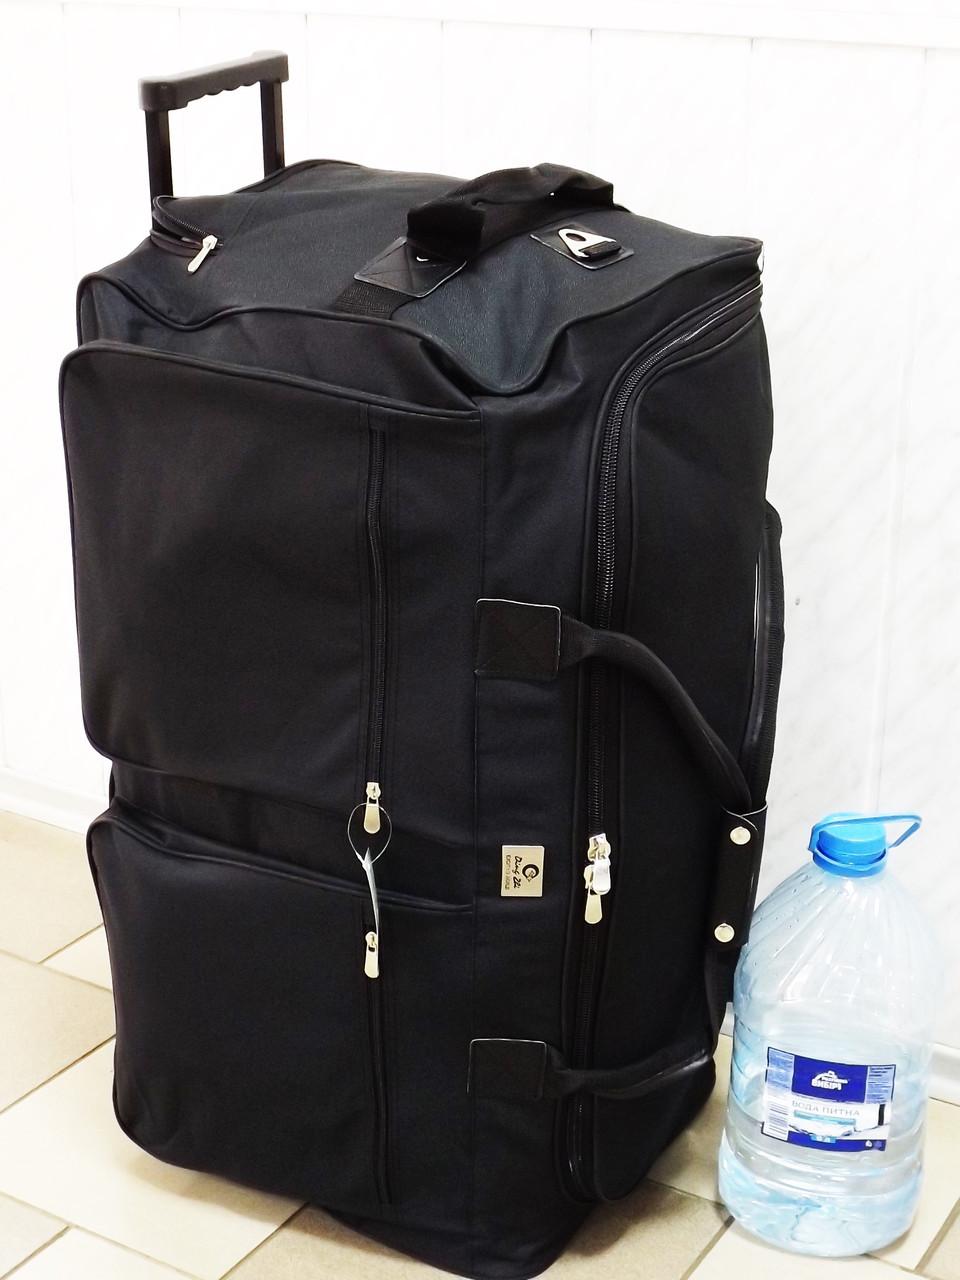 ceaae8cc4e39 Очень большая дорожная сумка на колесах Т-938 черная 130 литров ...